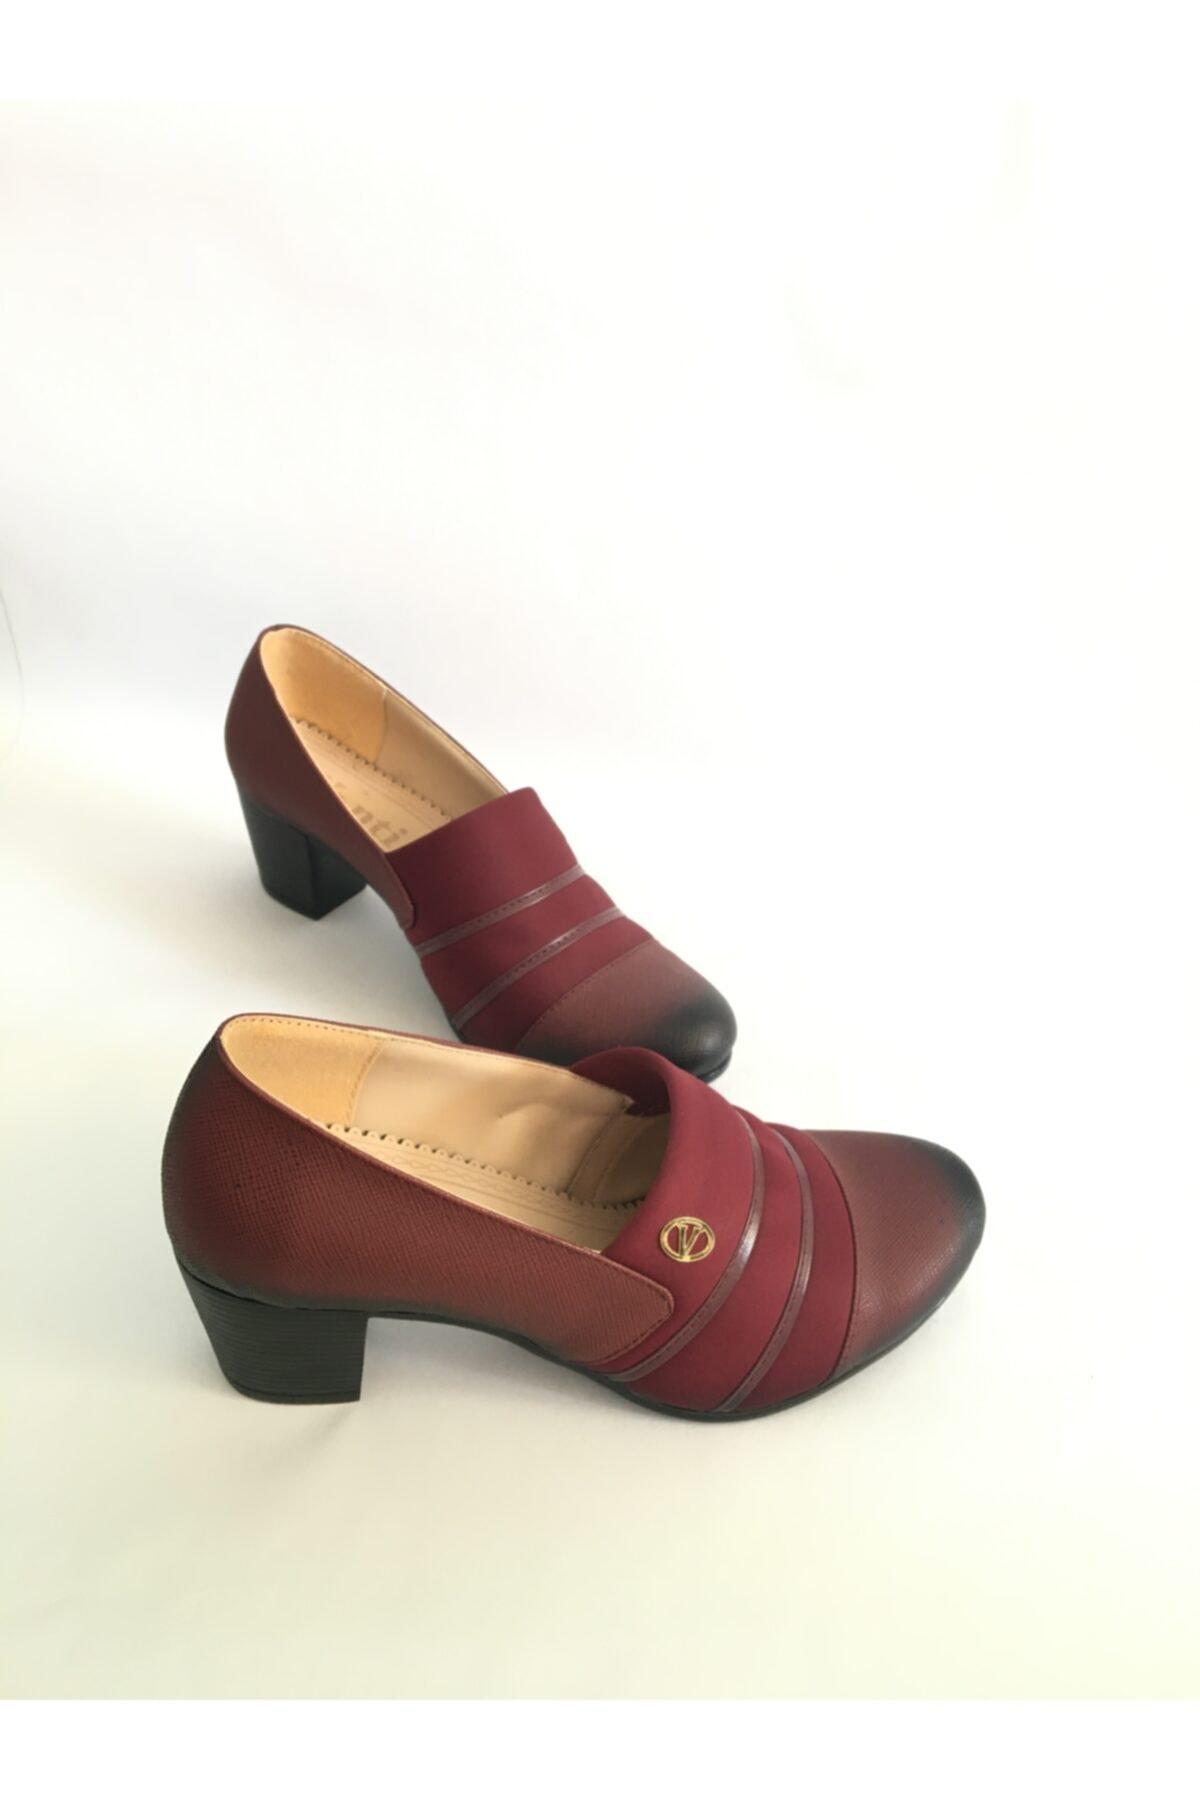 EREN Kadın Topuklu Bayan Ayakkabı 1